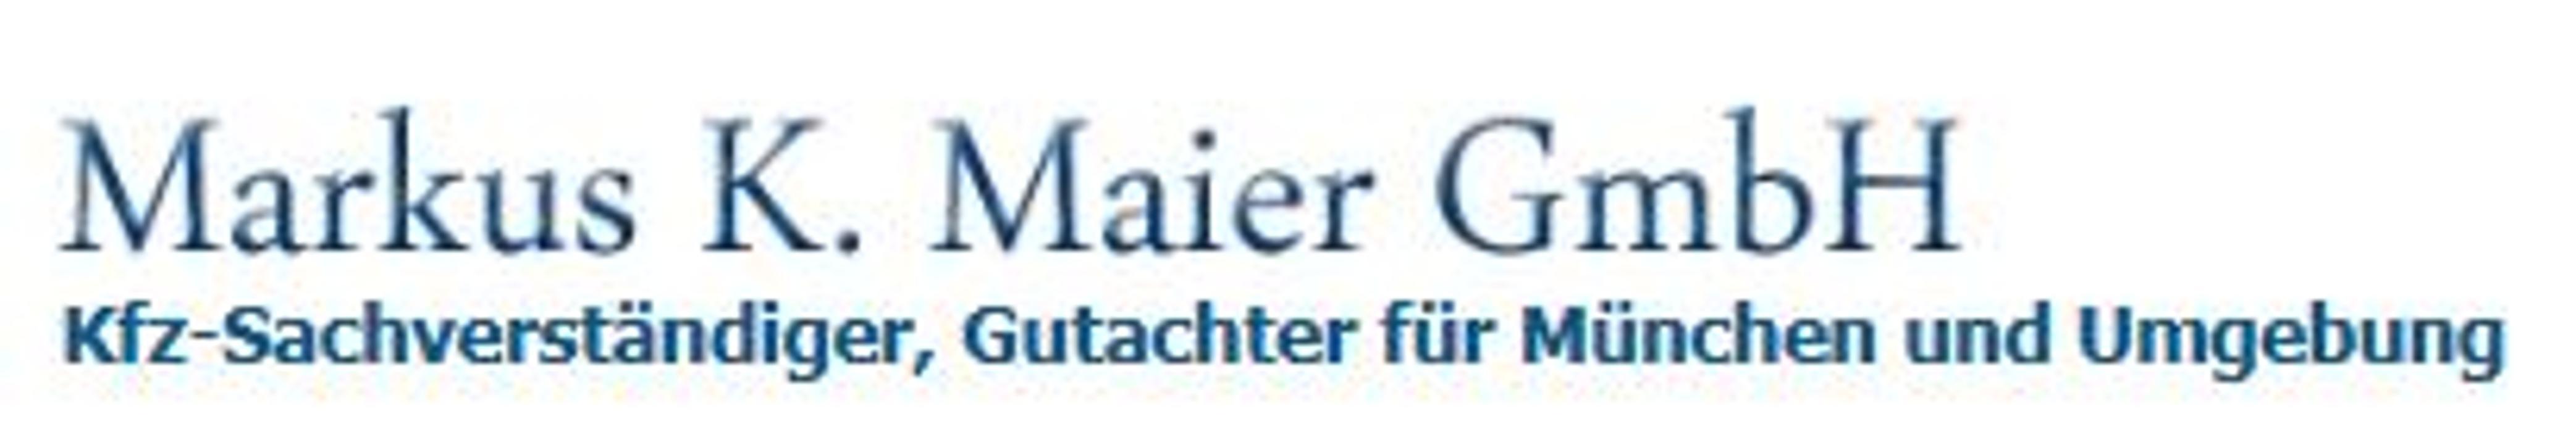 Bild zu KFZ Sachverständigenbüro Markus K. Maier GmbH in München